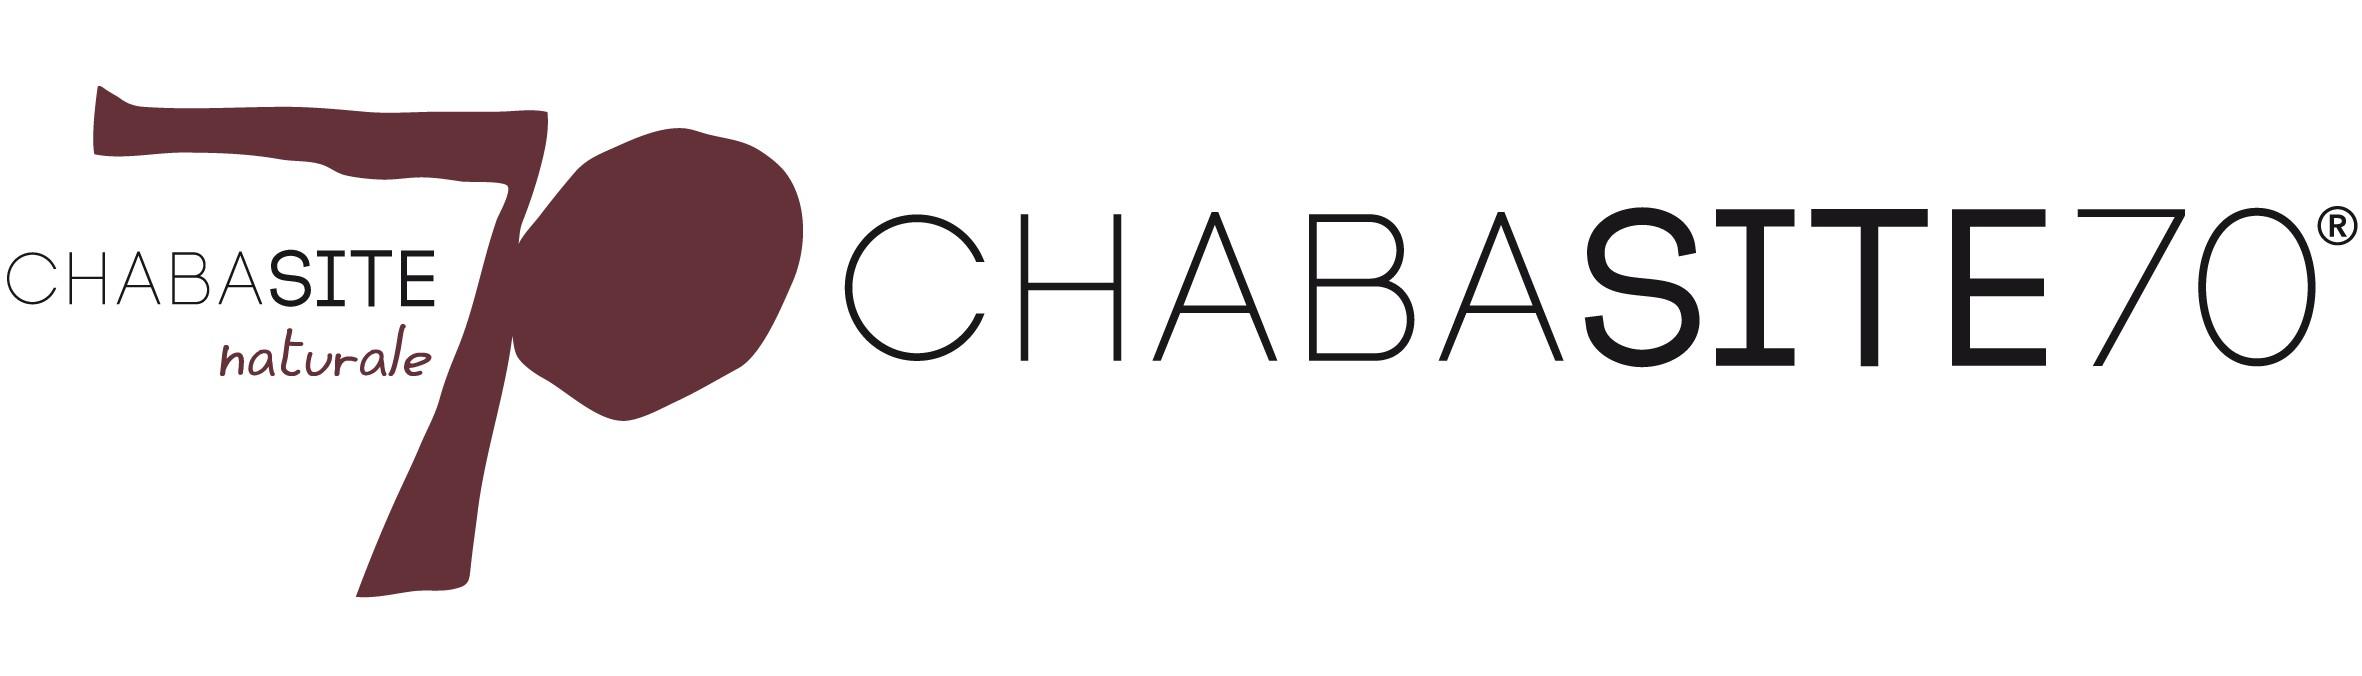 Chabasite70